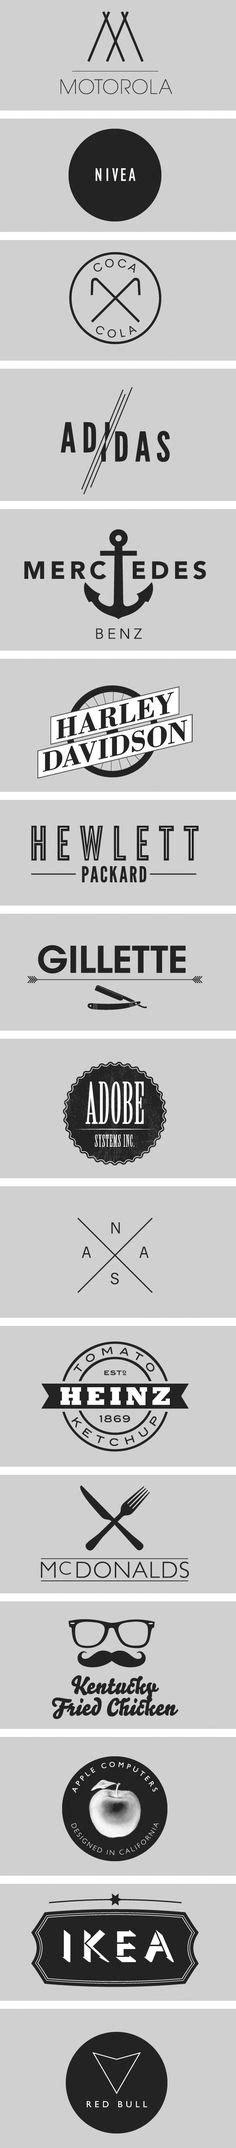 design graphisme par geoffrey dorne tipographie en forme de gribouillis rectilignes